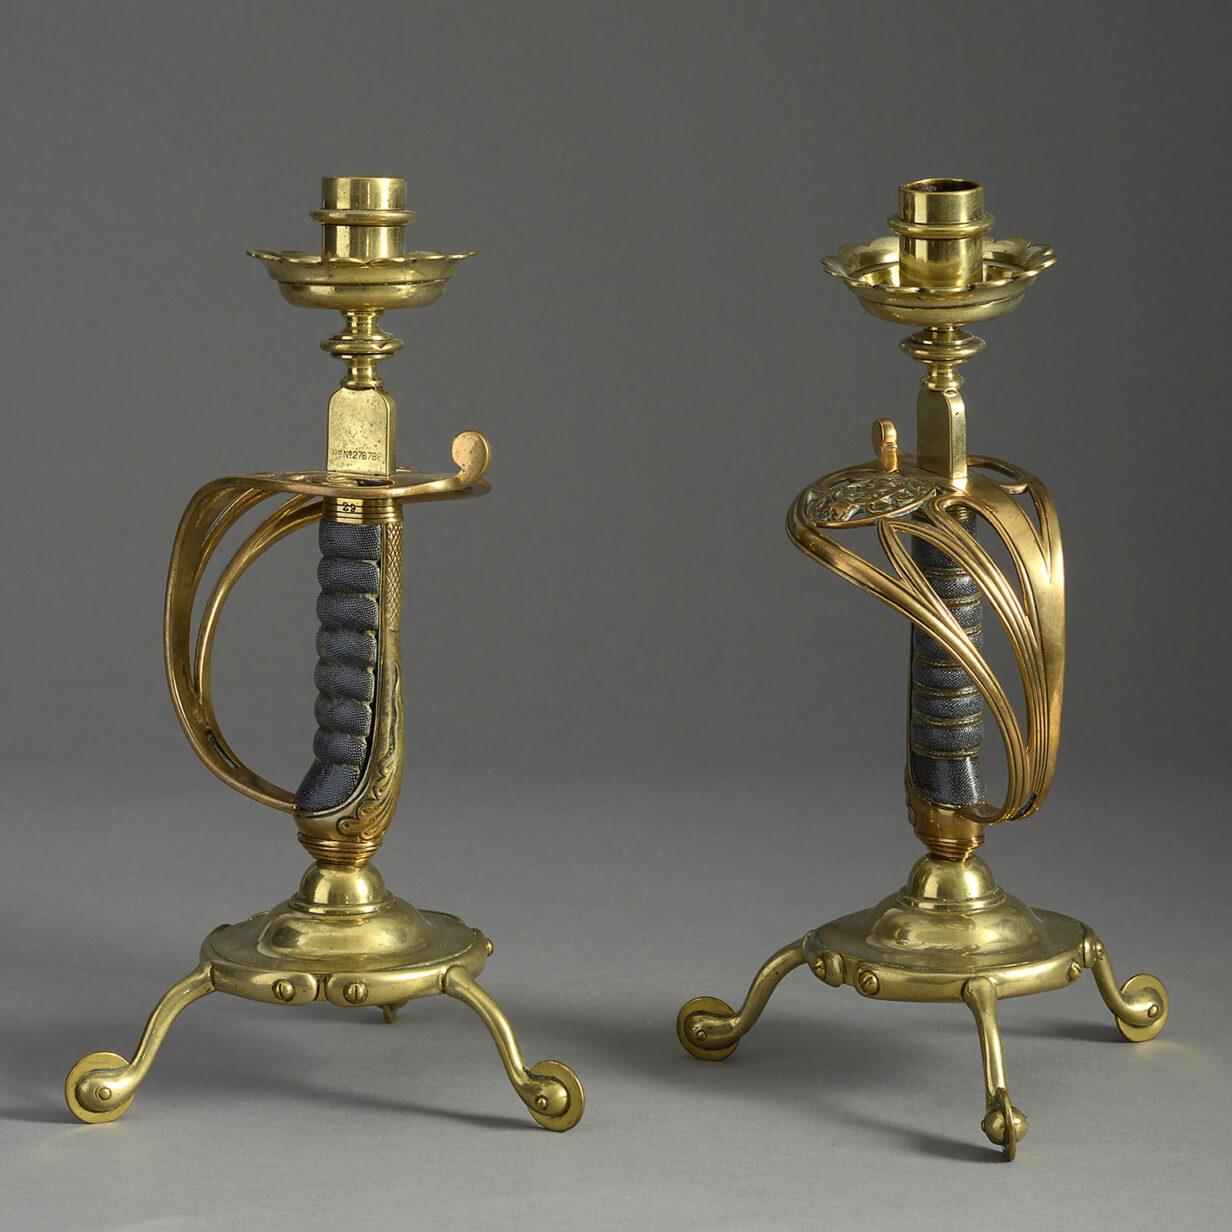 Pair of Sword Hilt Candlesticks